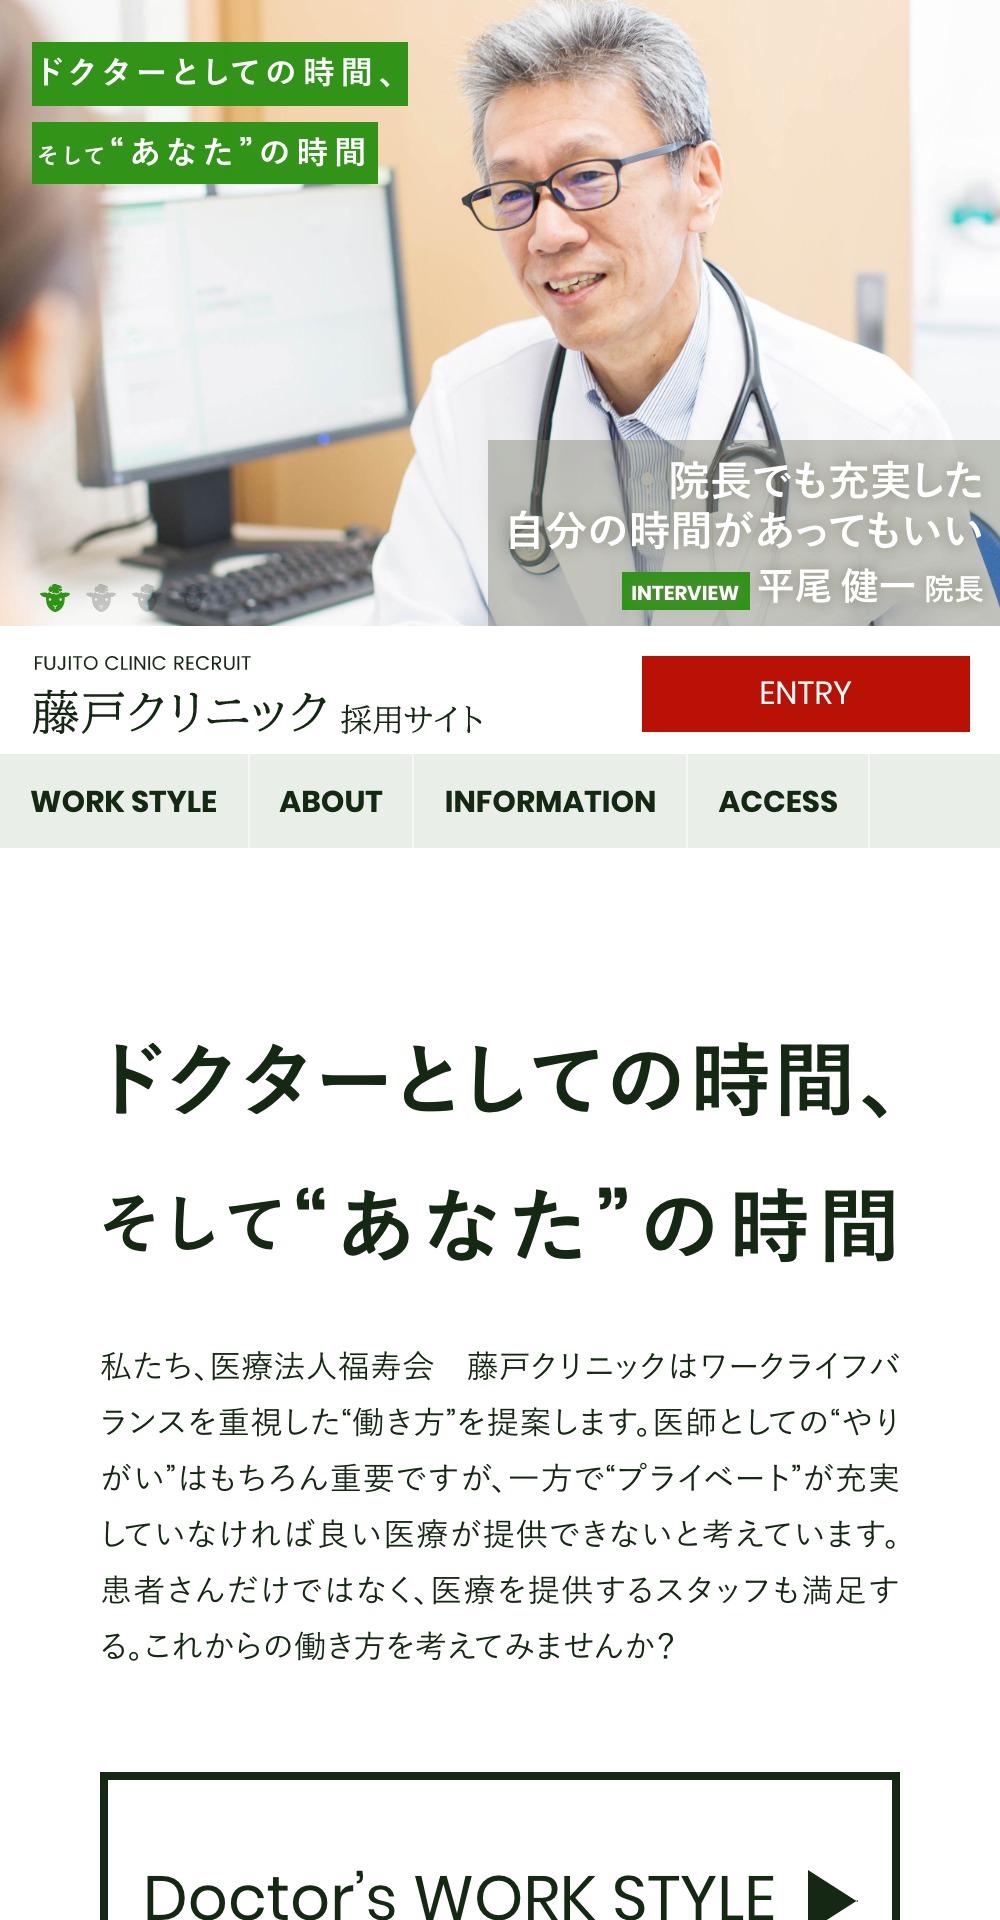 藤戸クリニック採用サイトのスマートフォンキャプチャ